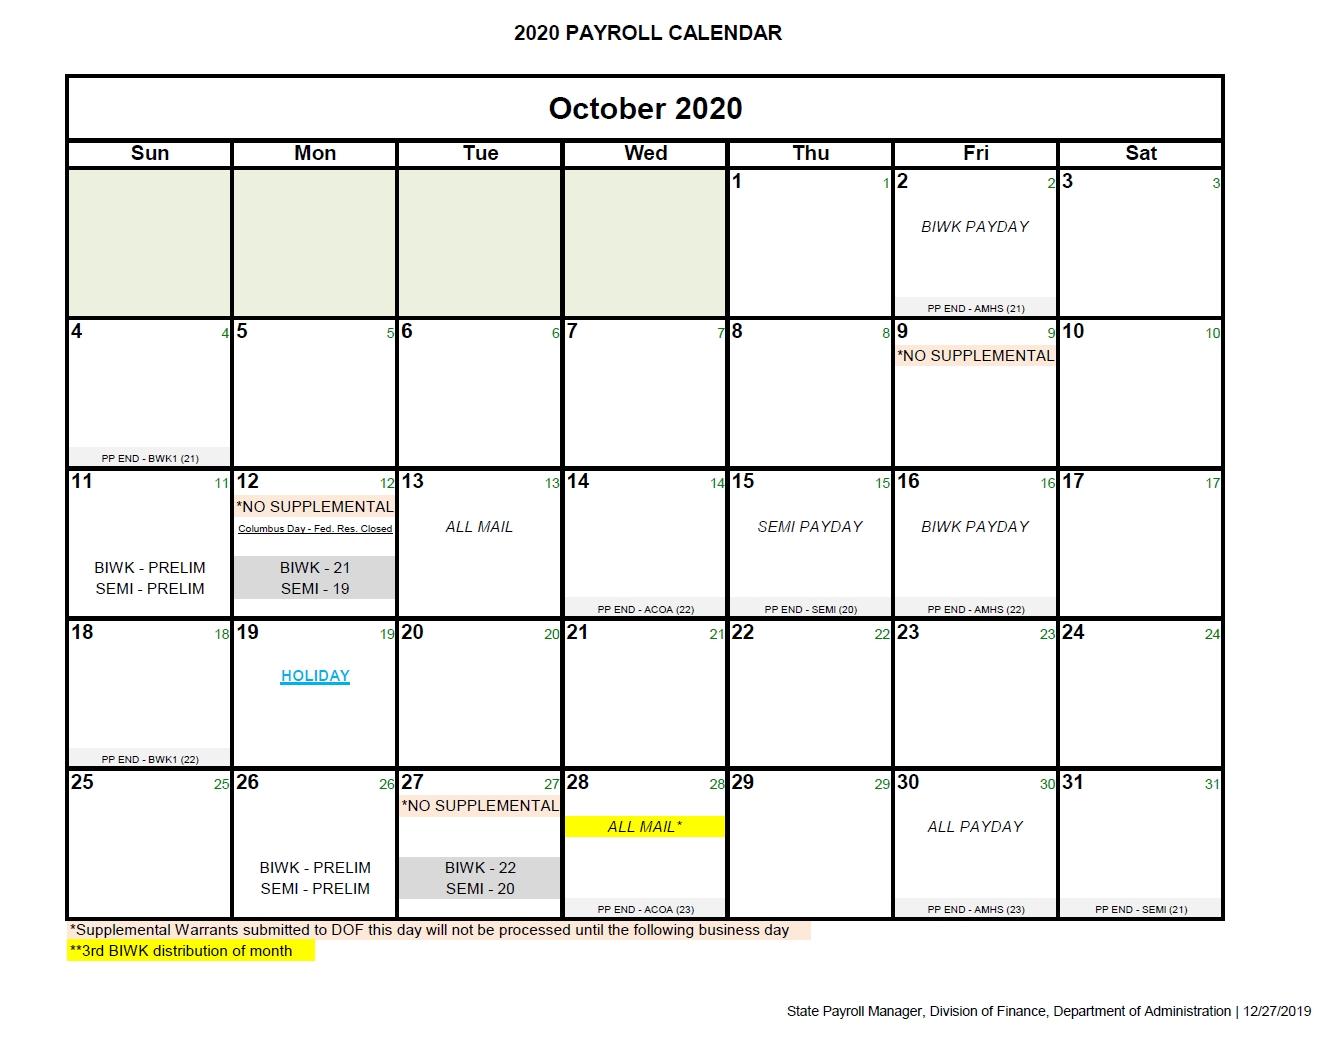 State Of Alaska Payroll Calendar 2021 | Payroll Calendar